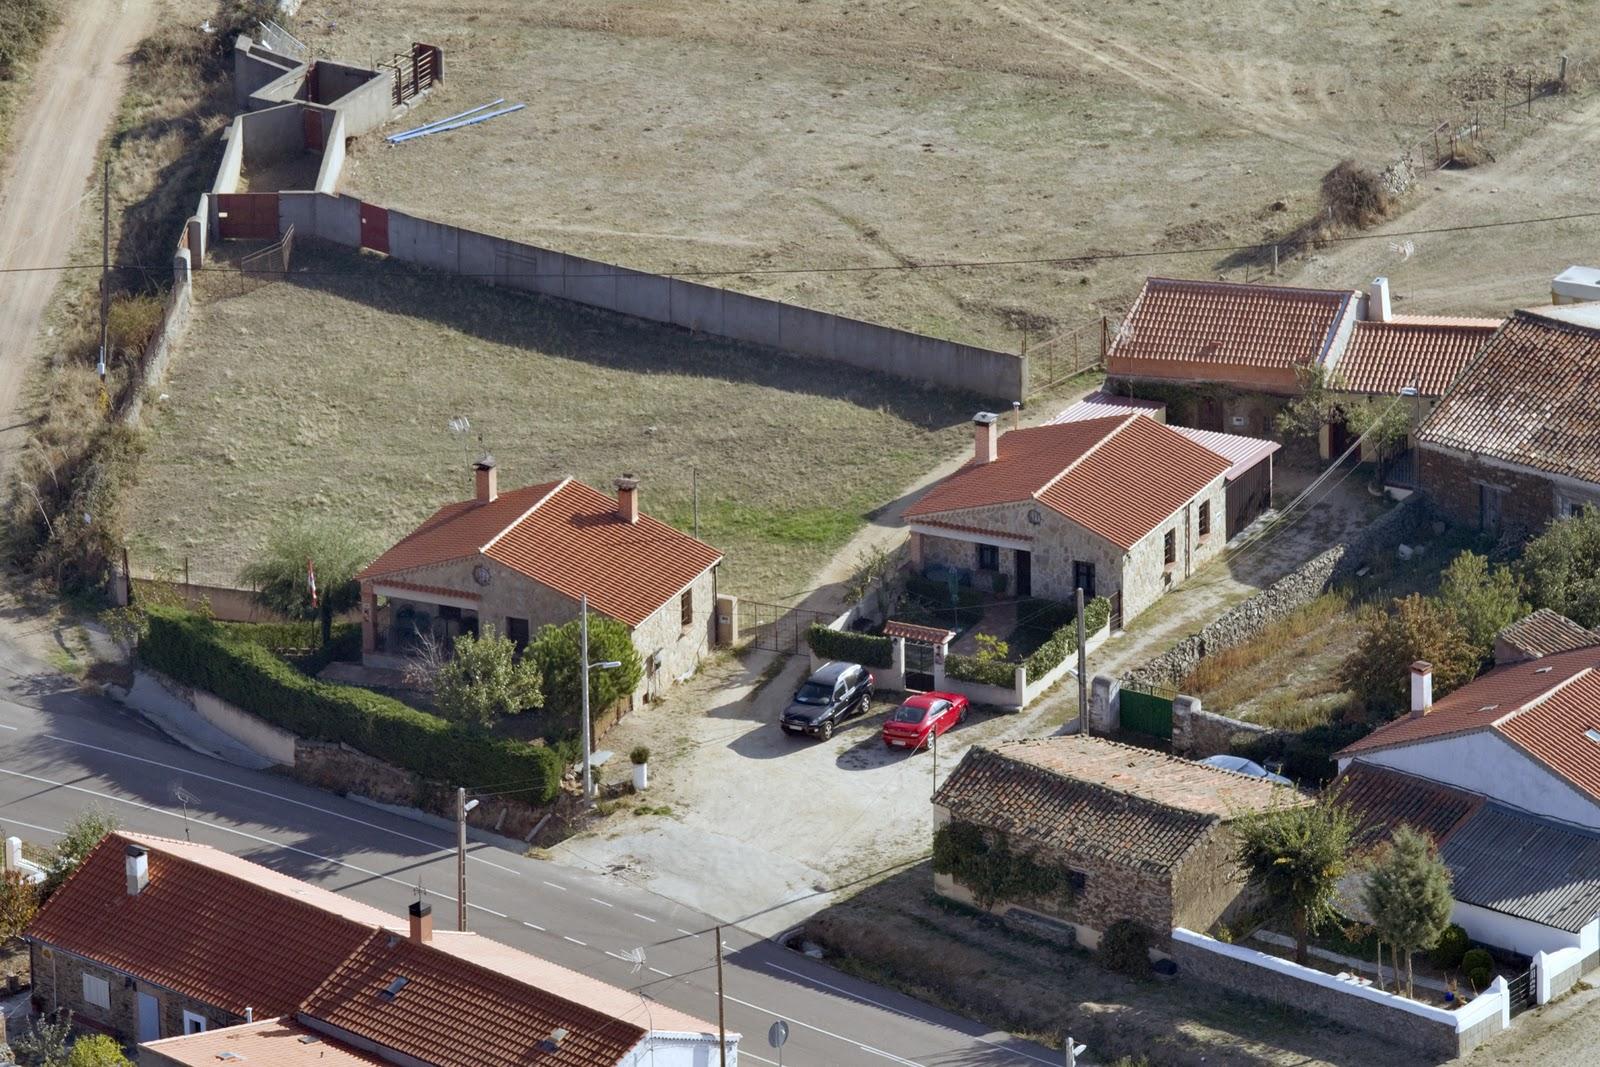 Turismo salamanca febrero 2011 - Casas rurales en salamanca baratas ...